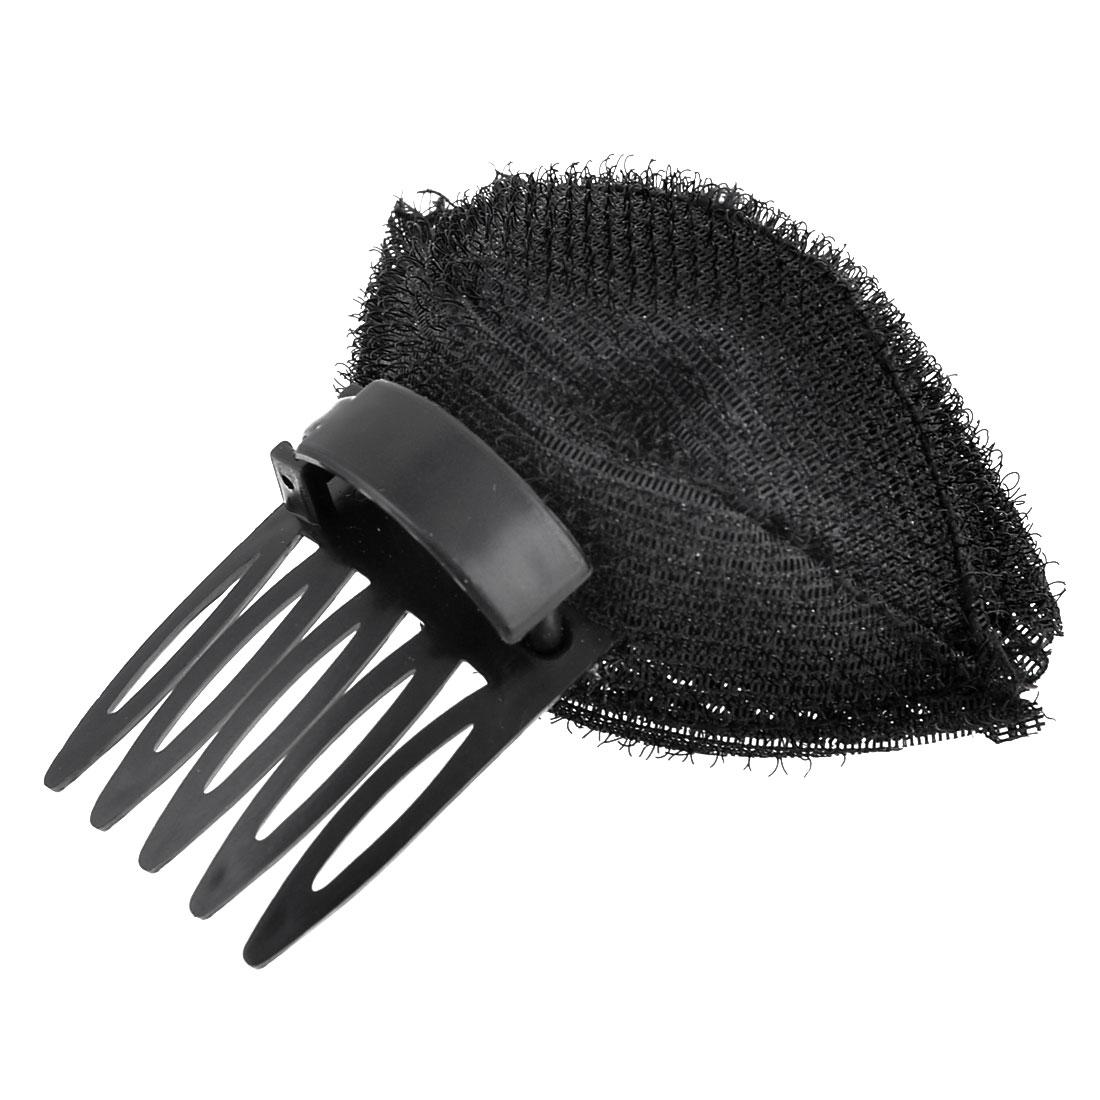 Pompadour Fringe Up Do Insert Tool Elegant Magic Hair Base